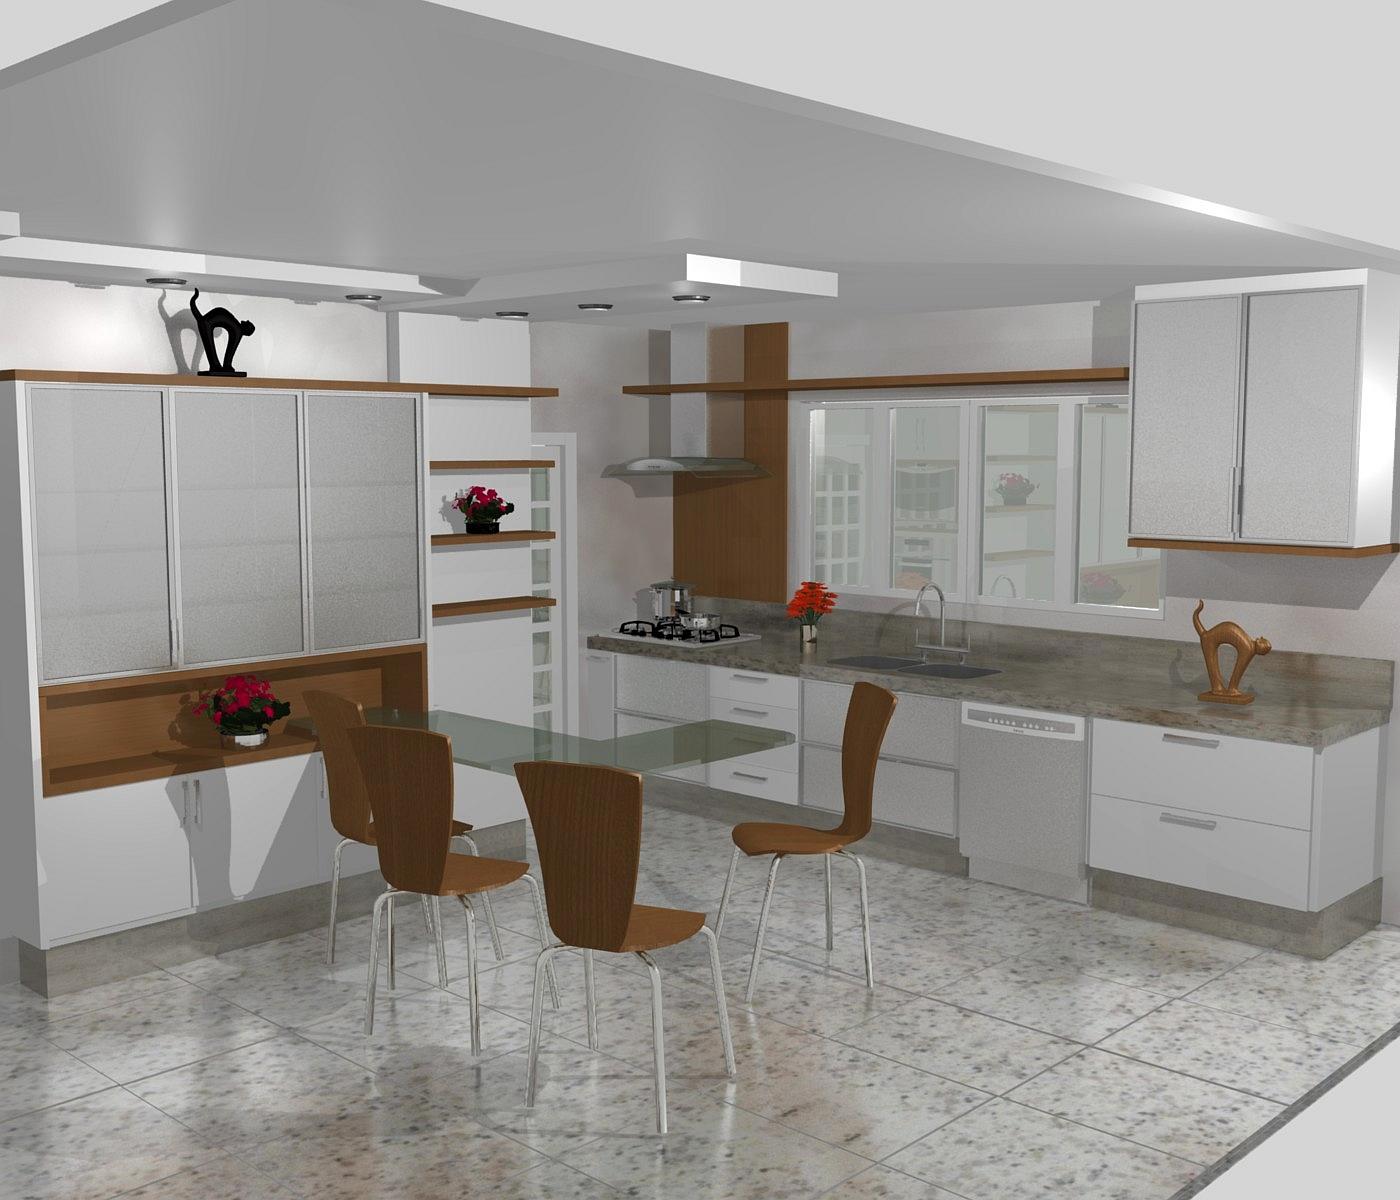 cozinha planejadas pequenas decorada americana modulada luxo moderna #64442D 1400 1200